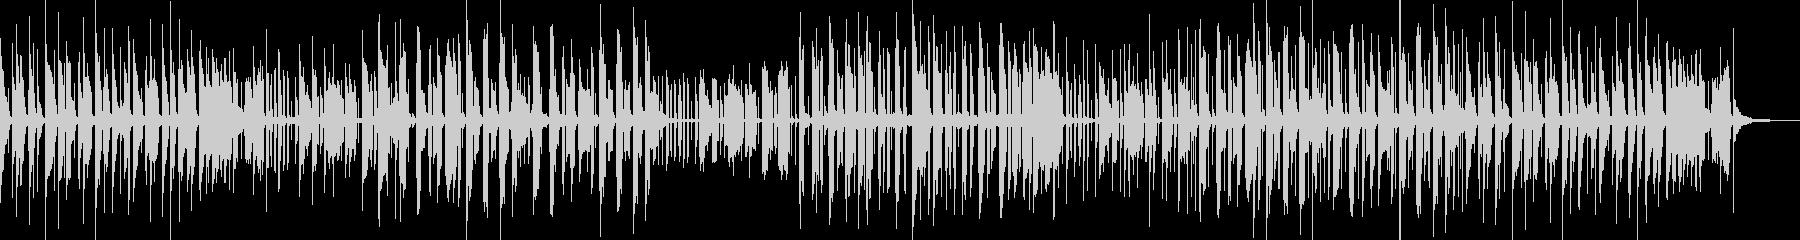 音色が綺麗で独特な世界観あるメロディーの未再生の波形